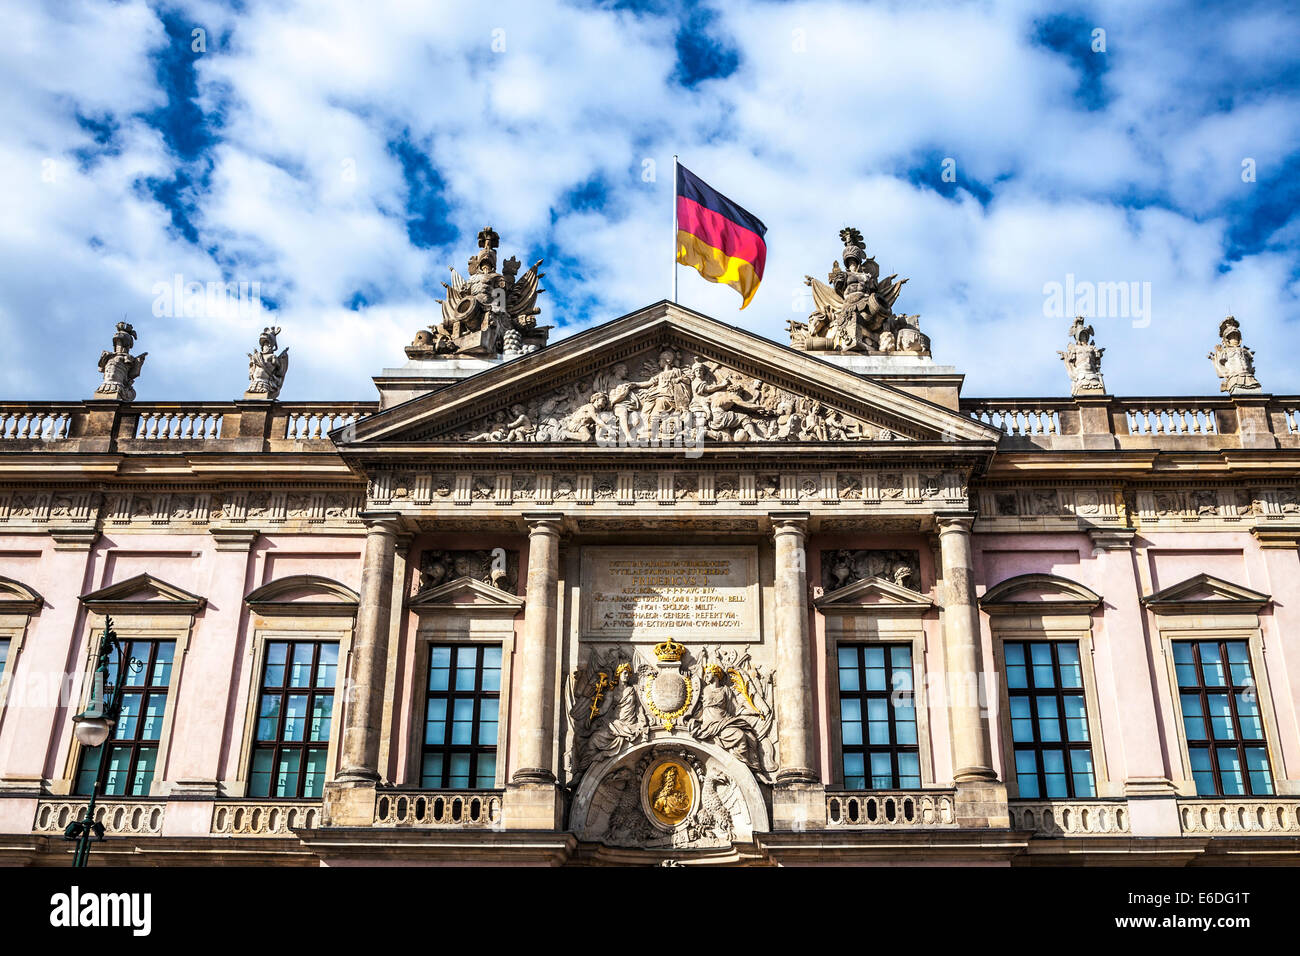 Deutsches Historisches Museum or German Historical Museum in Berlin. - Stock Image